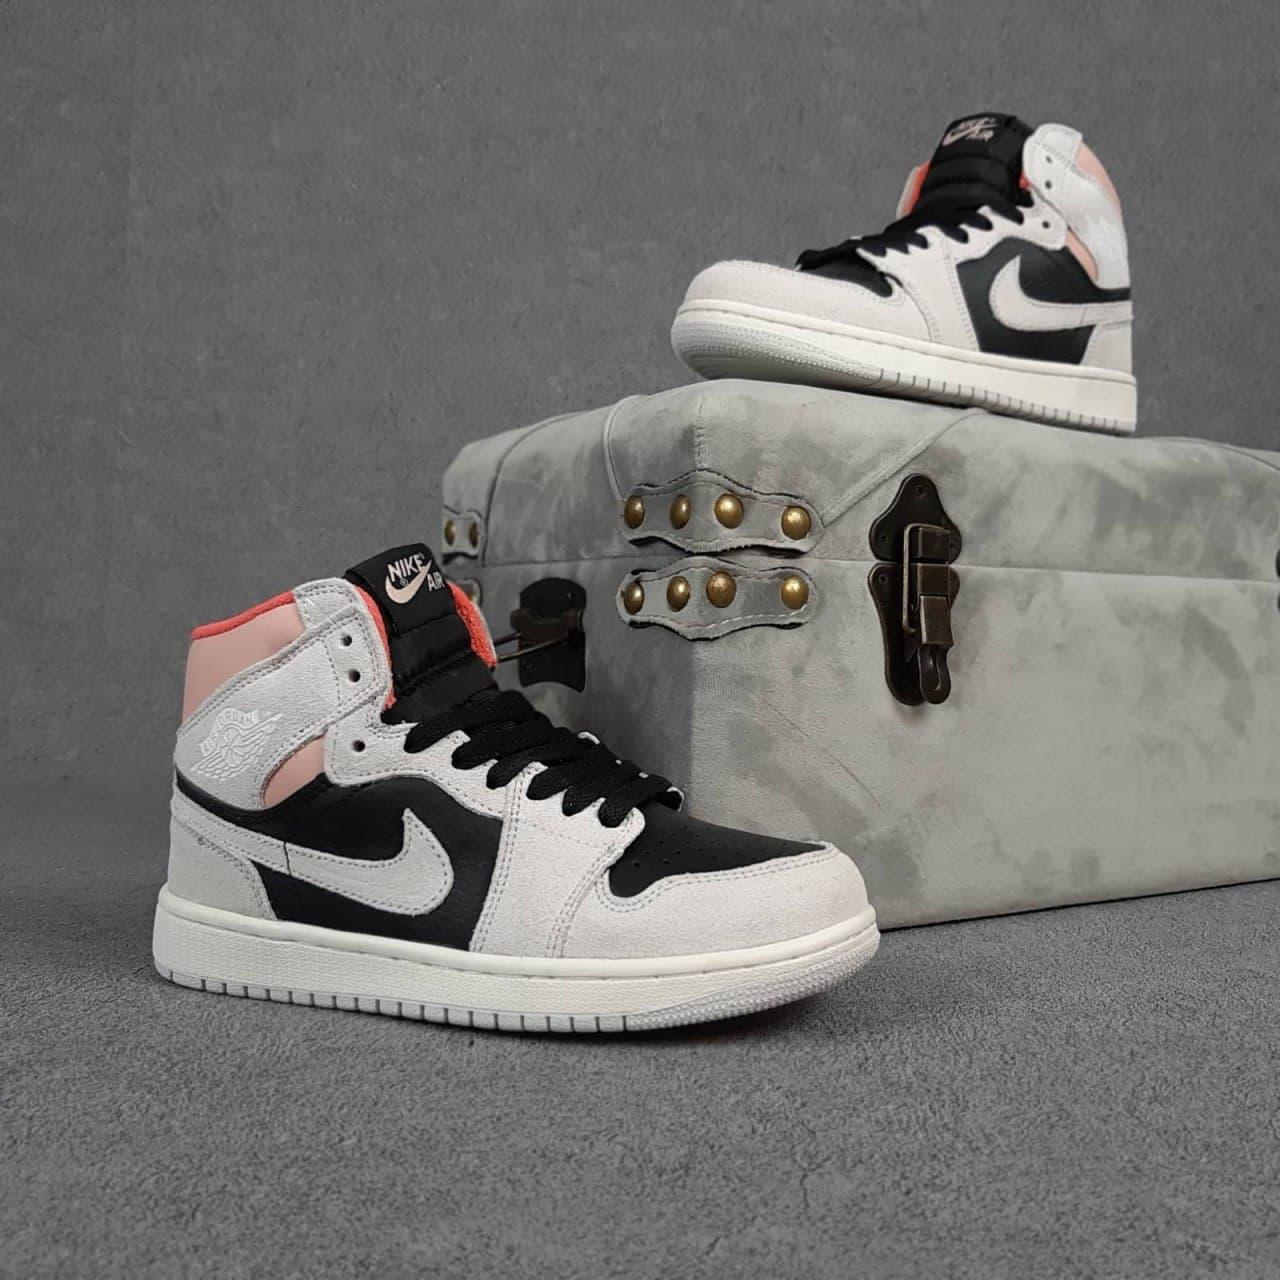 Женские кроссовки Nike Air Jordan (серые с черным и пудрой) О20399 стильные весенние кроссы